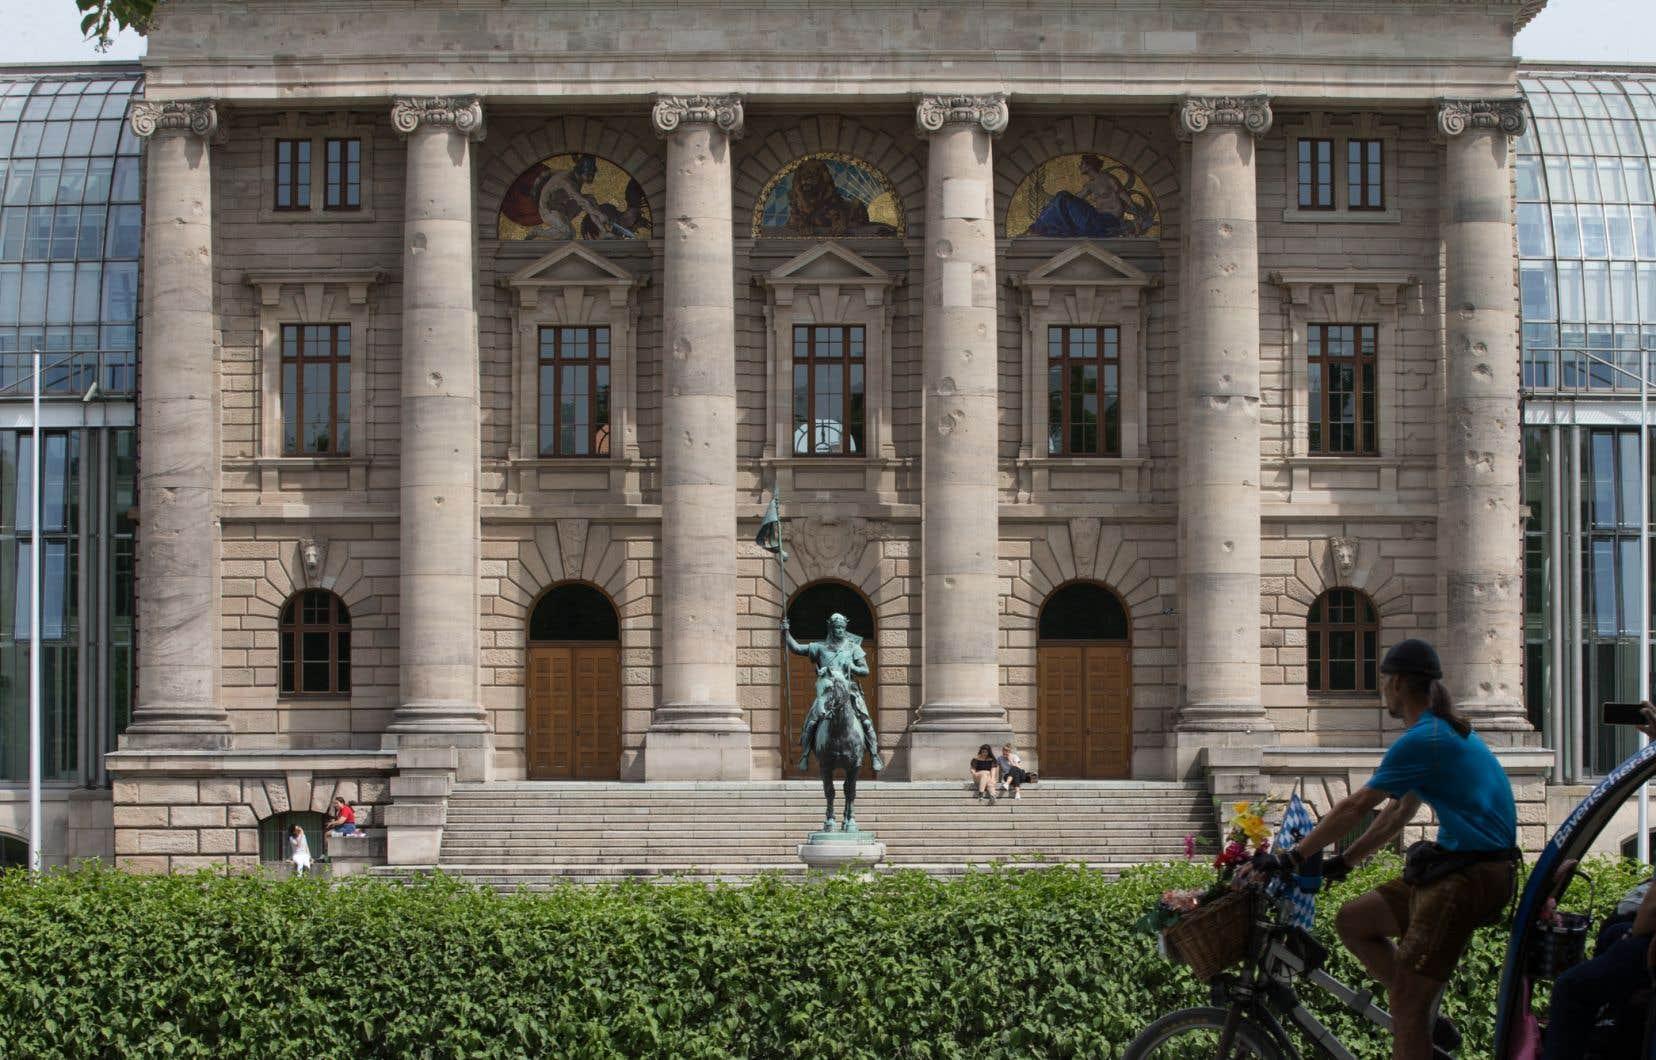 Une vue arrière de la chancellerie de Bavière occupe un immeuble de la fin du XIXe siècle conçu pour accueillir le musée de l'armée royale. La Façade dont les ailes ont été reconstruites en verre se déploie sur 160m.